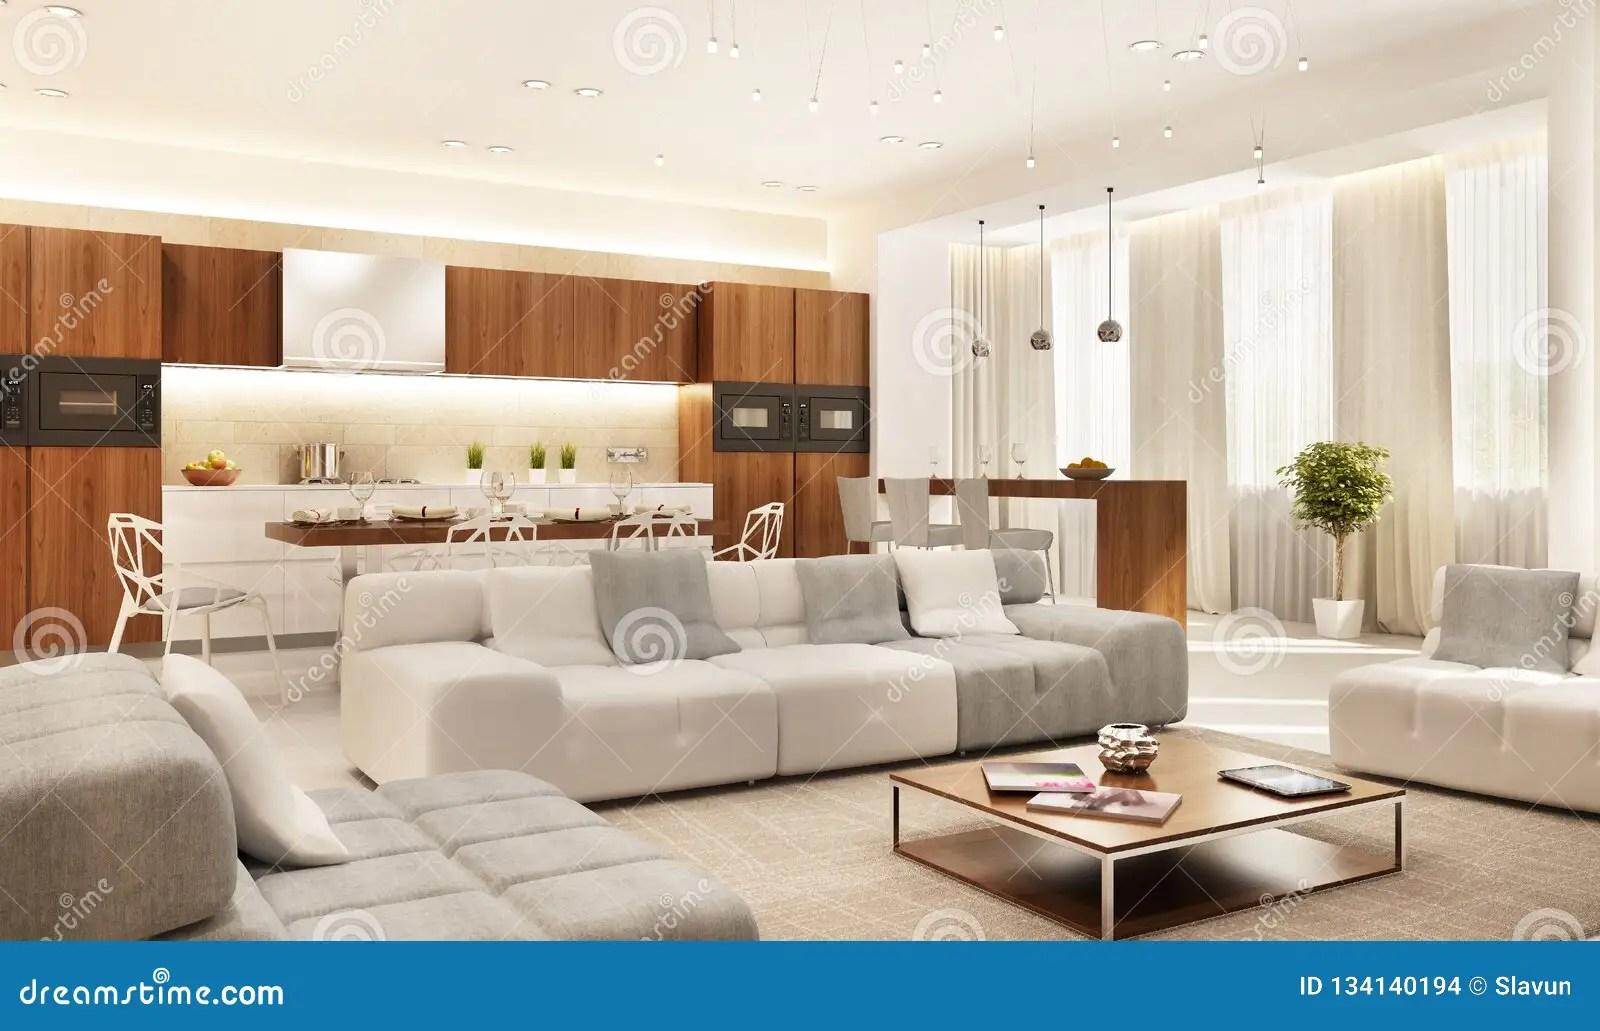 https fr dreamstime com cuisine moderne grand salon image134140194